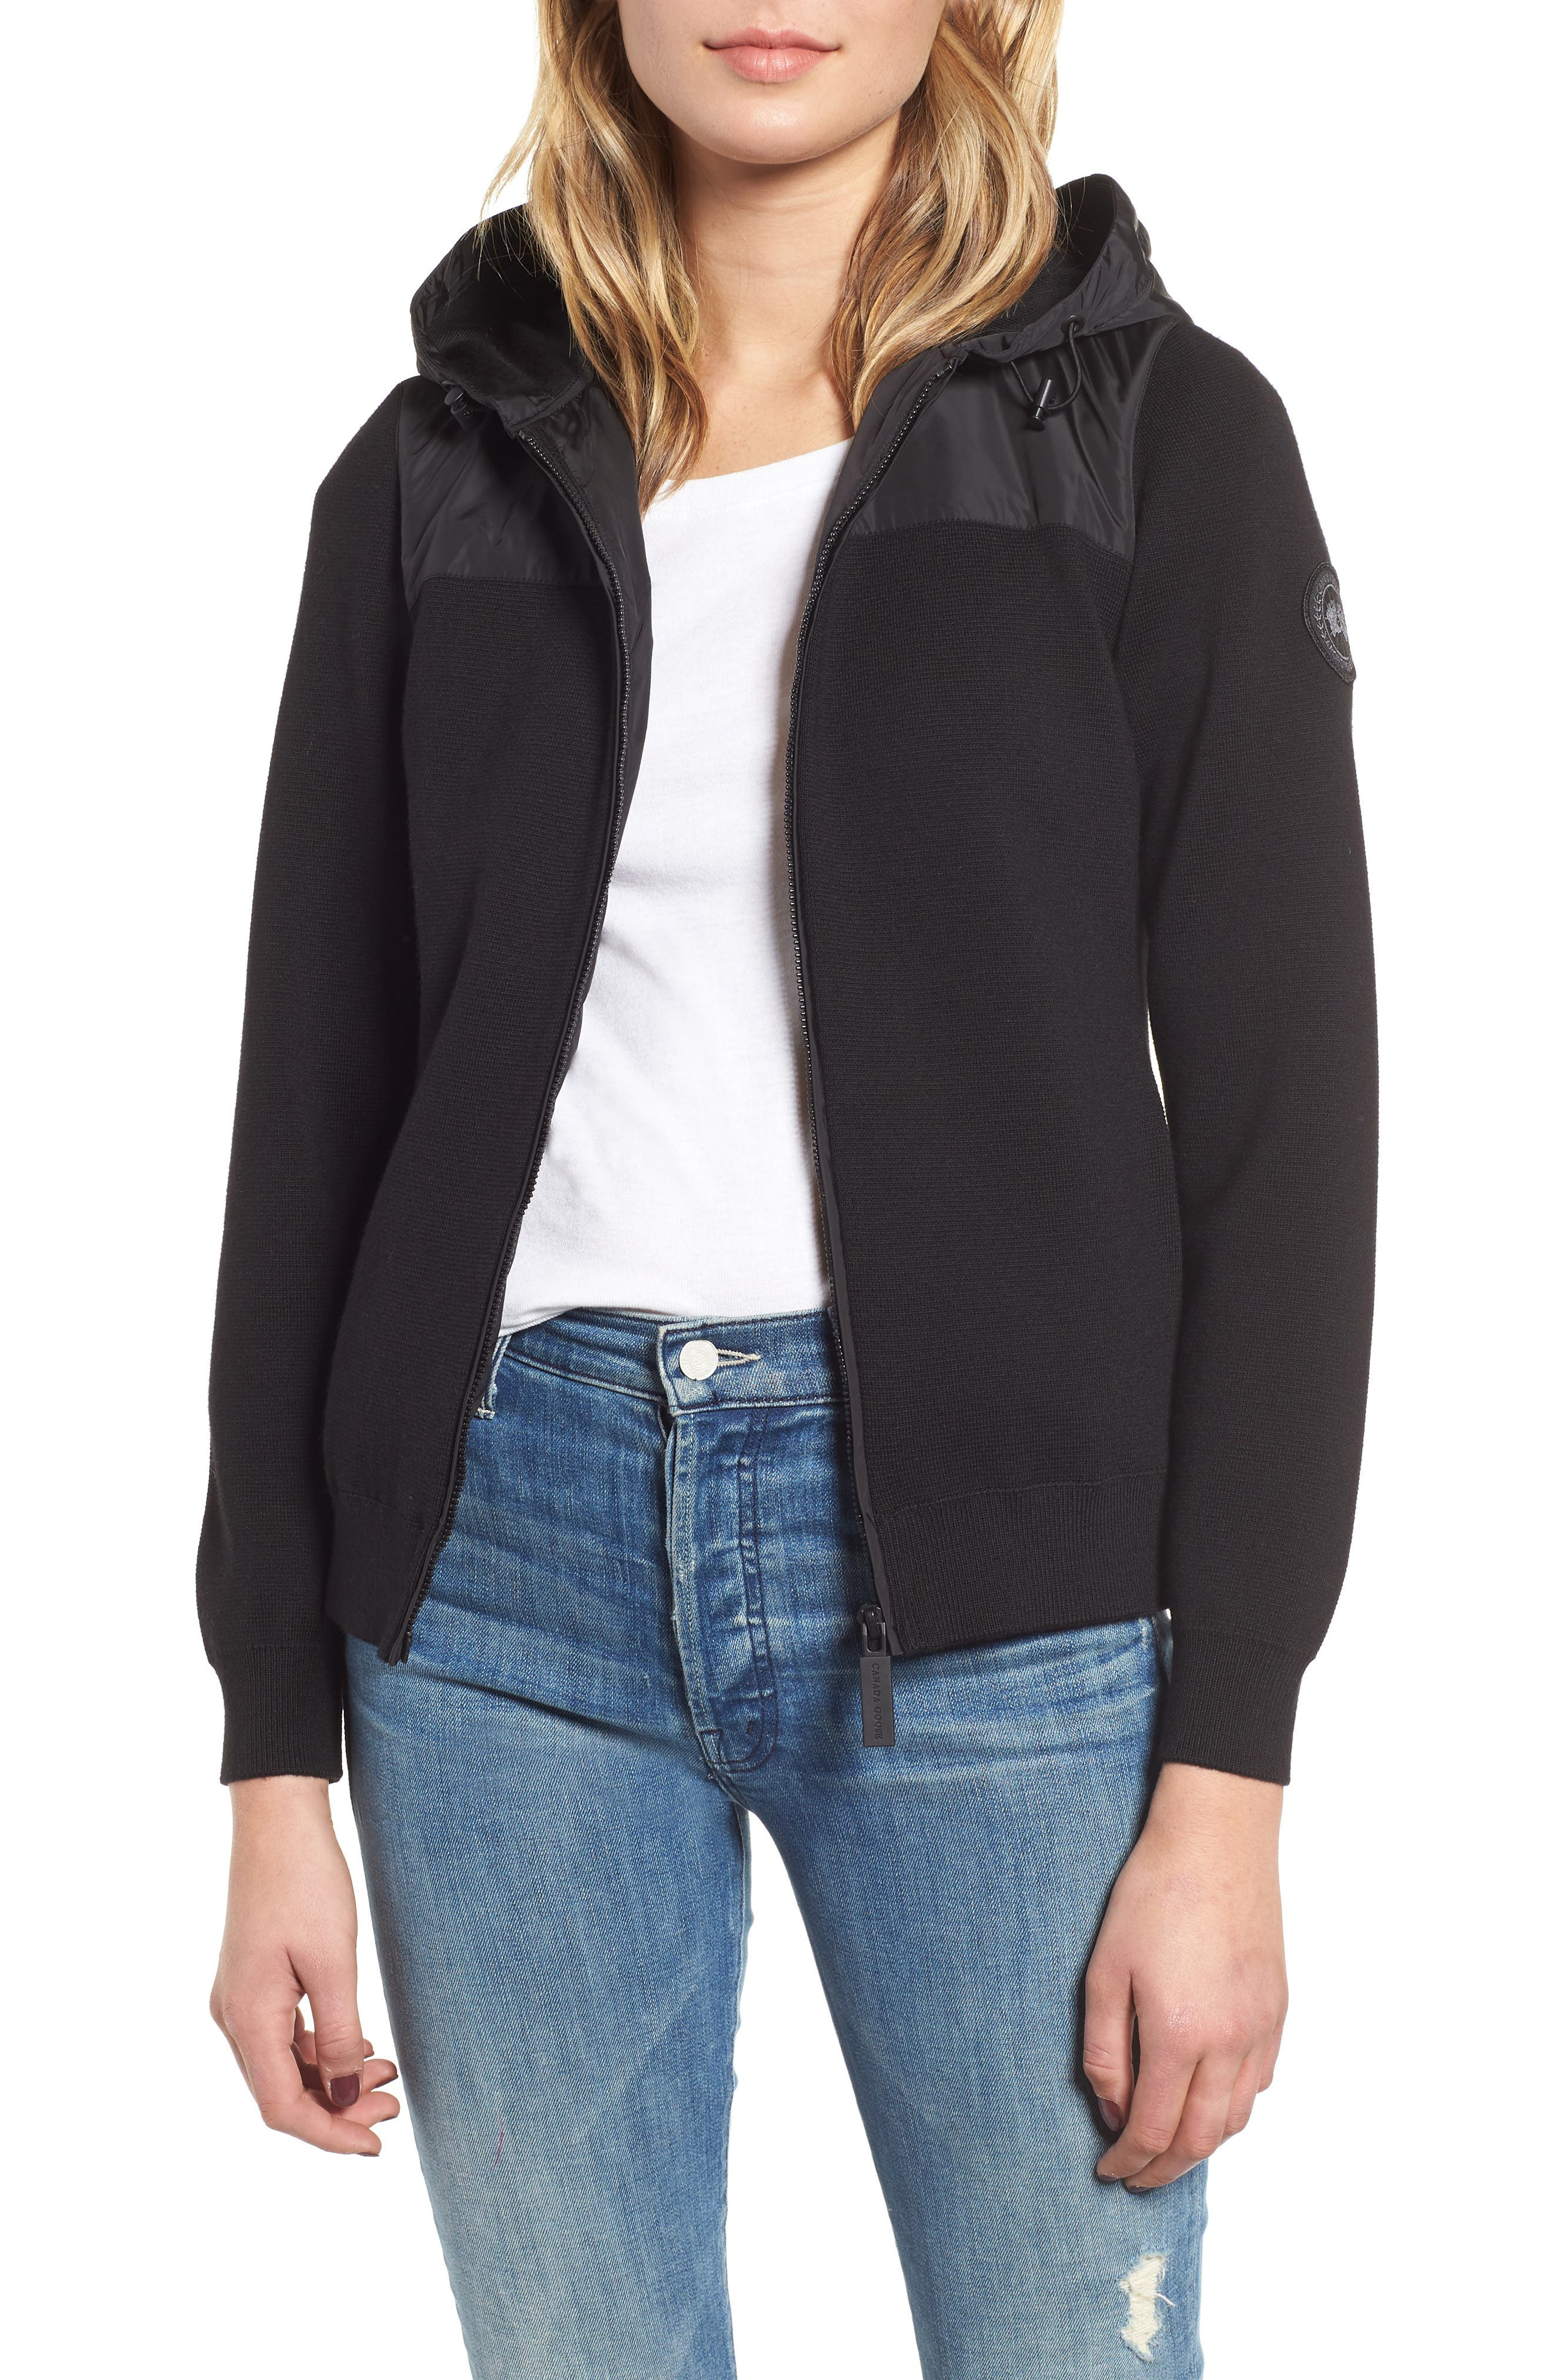 Windbridge Wool & Nylon Hoodie Jacket in Black